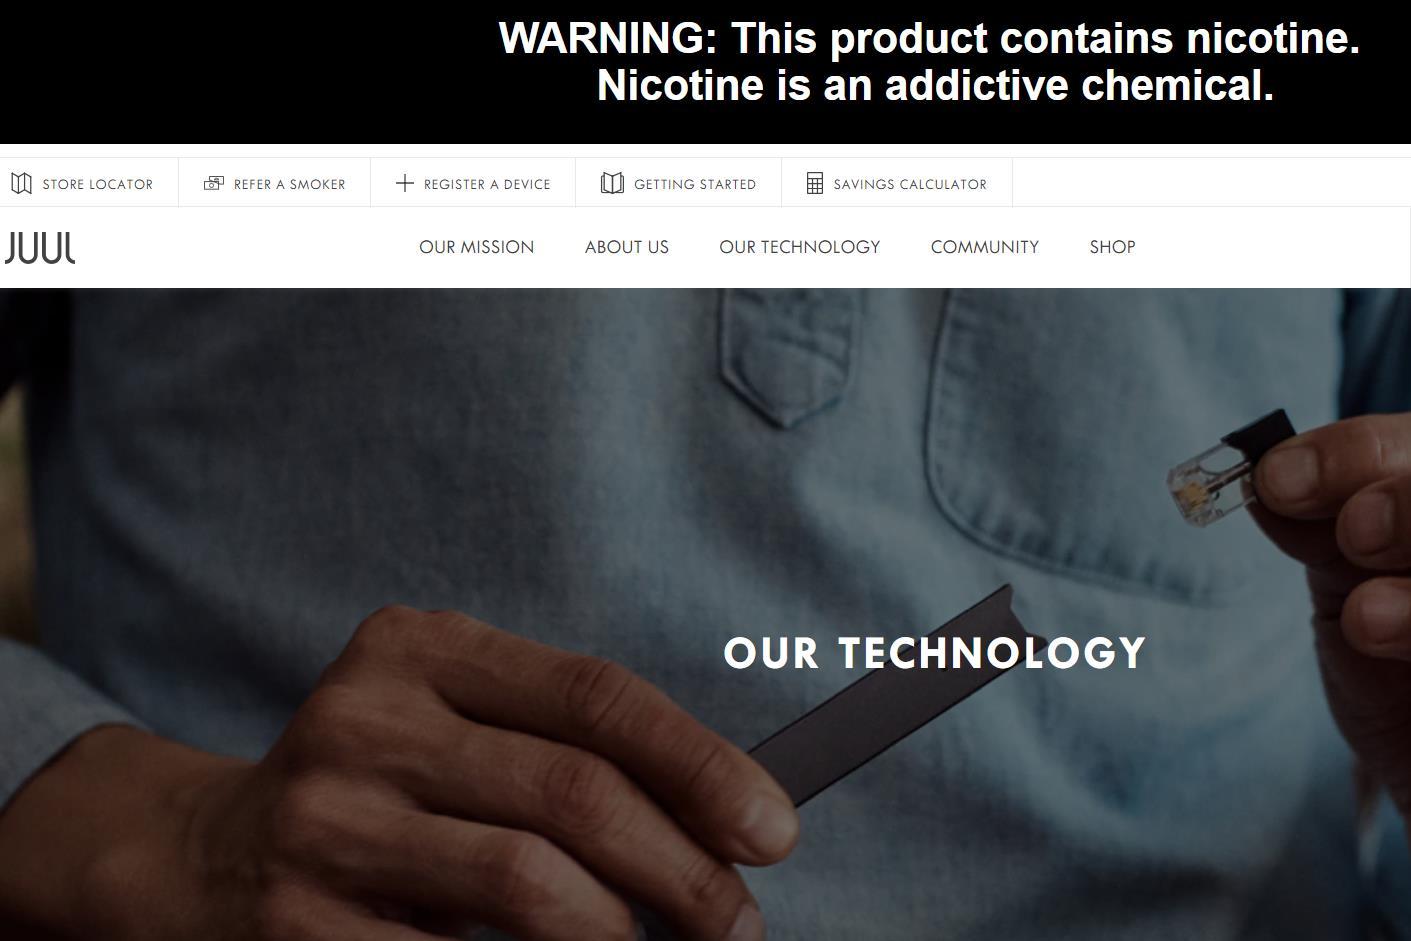 万宝路的母公司、跨国烟草巨头Altria 以128亿美元收购美国电子烟公司Juul 35%股权